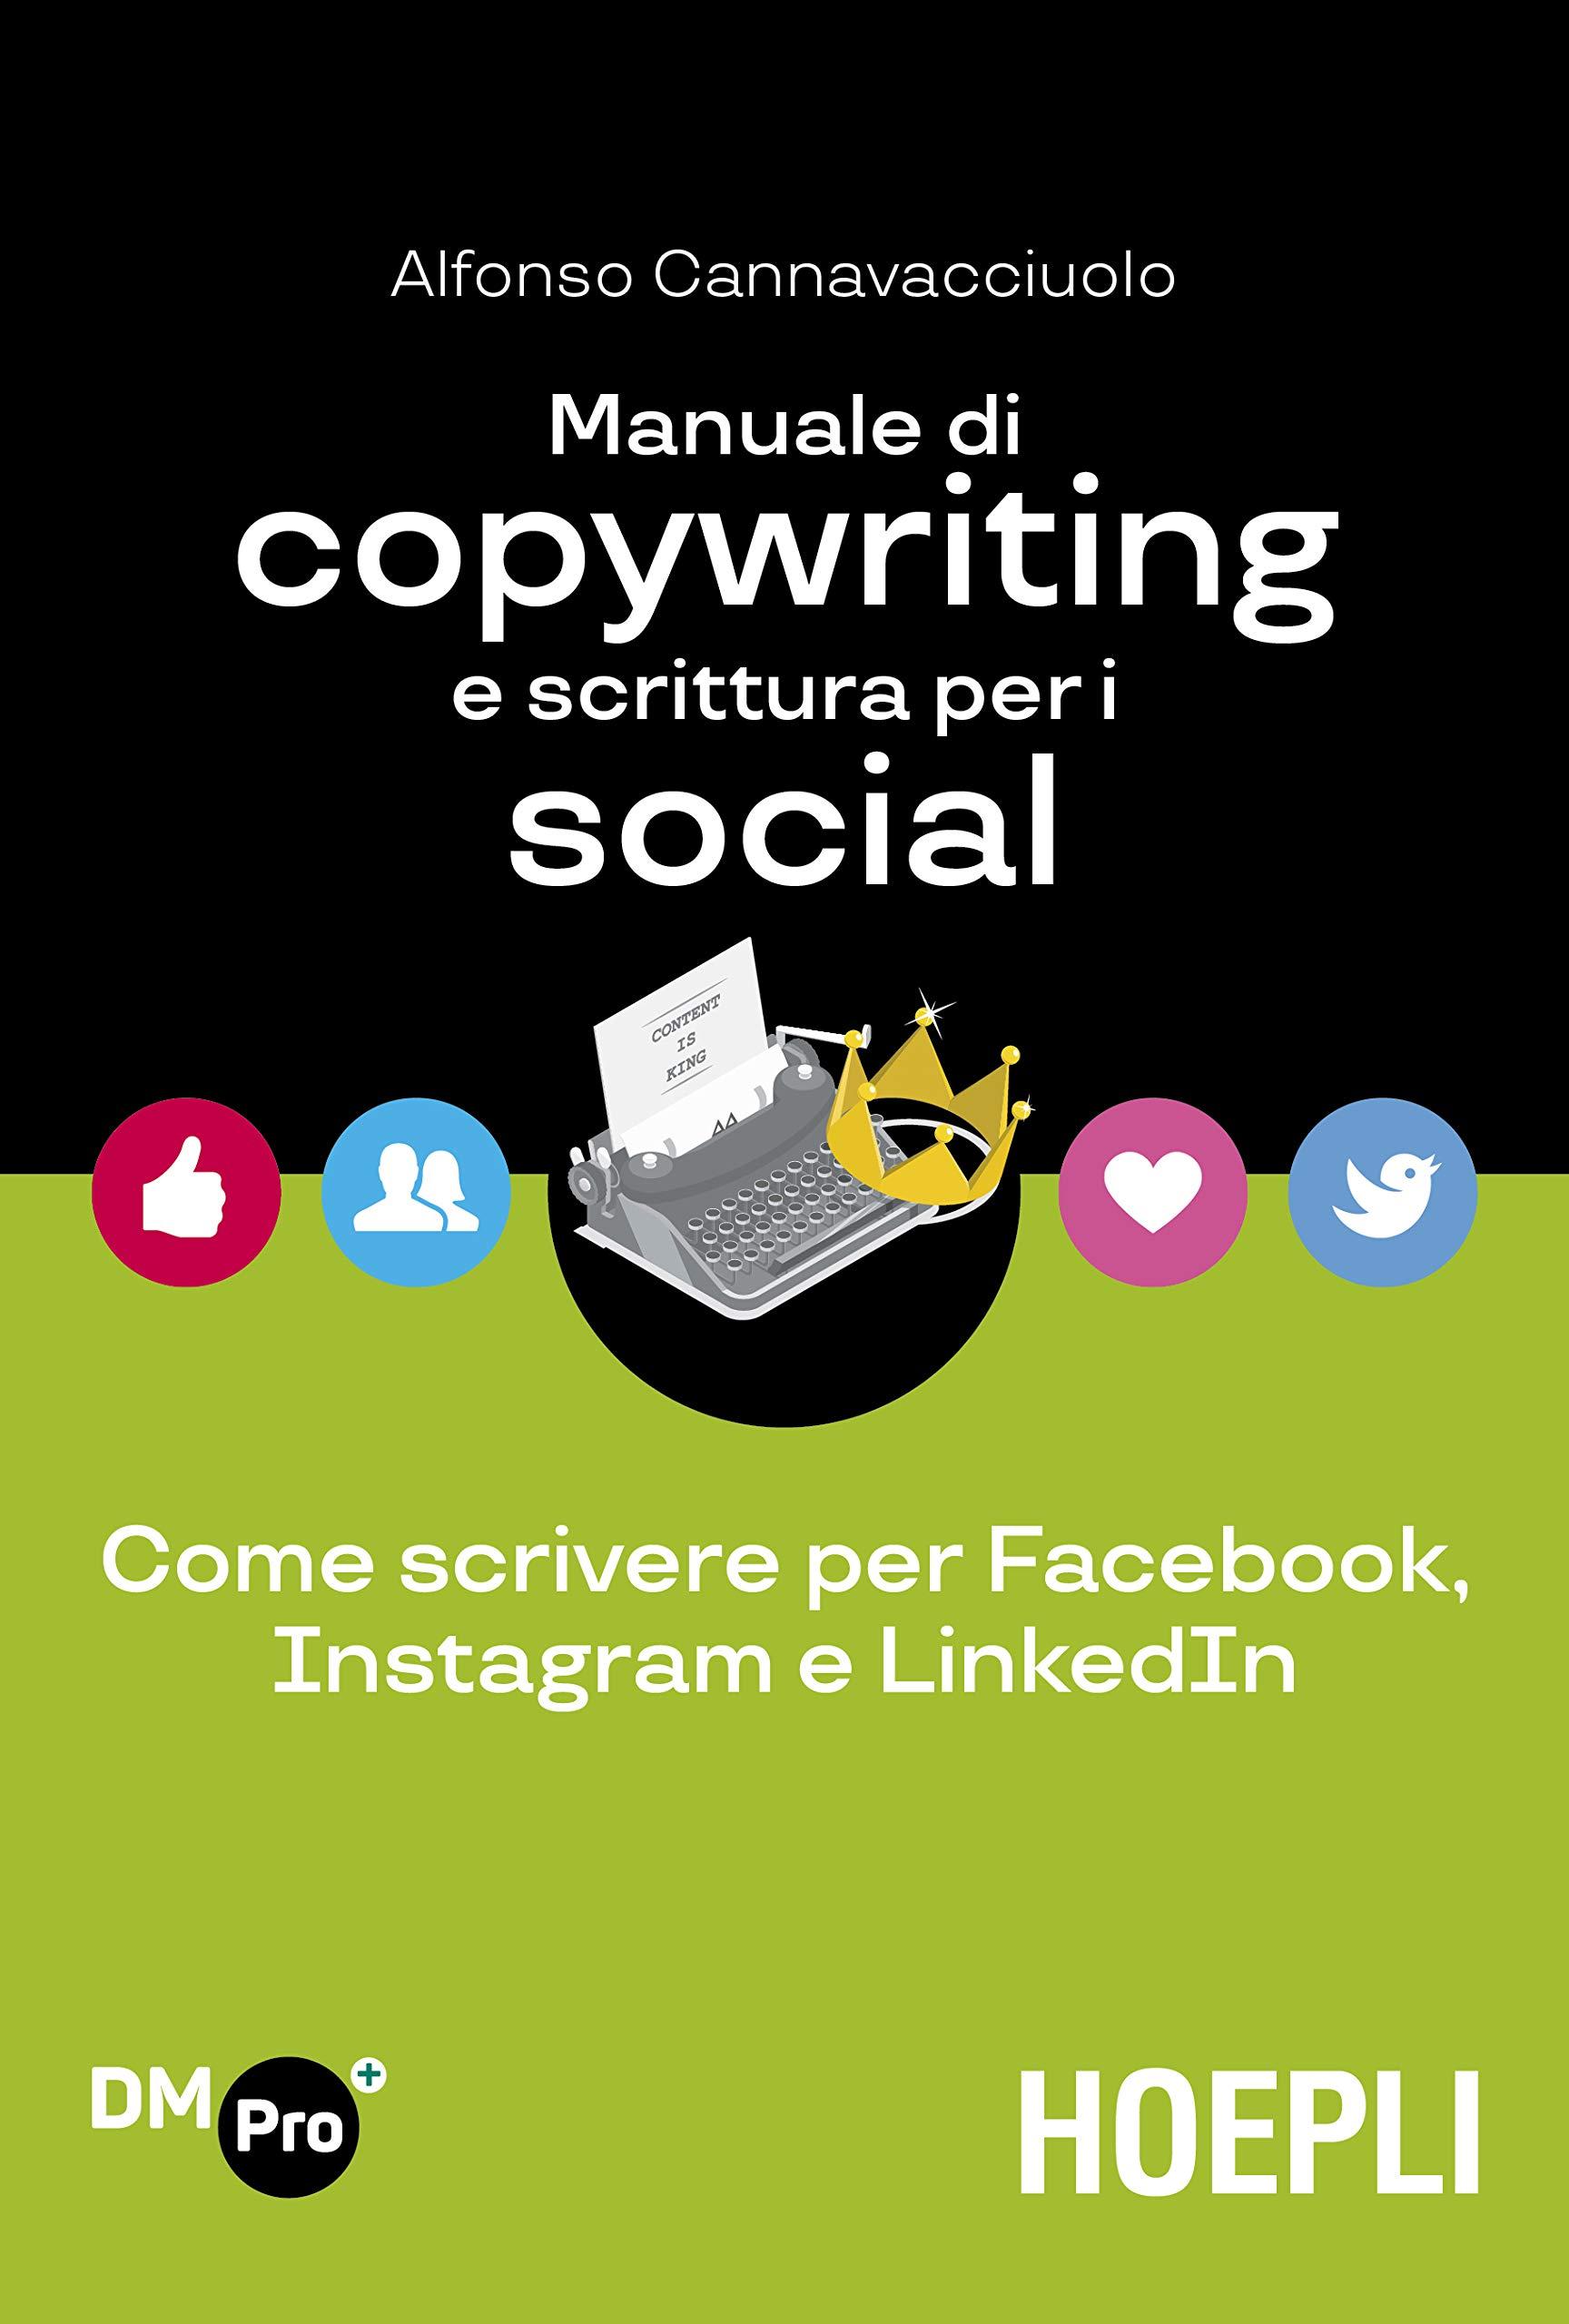 libro: Manuale di copywriting e scrittura per i social. Come scrivere per Facebook, Instagram e LinkedIn